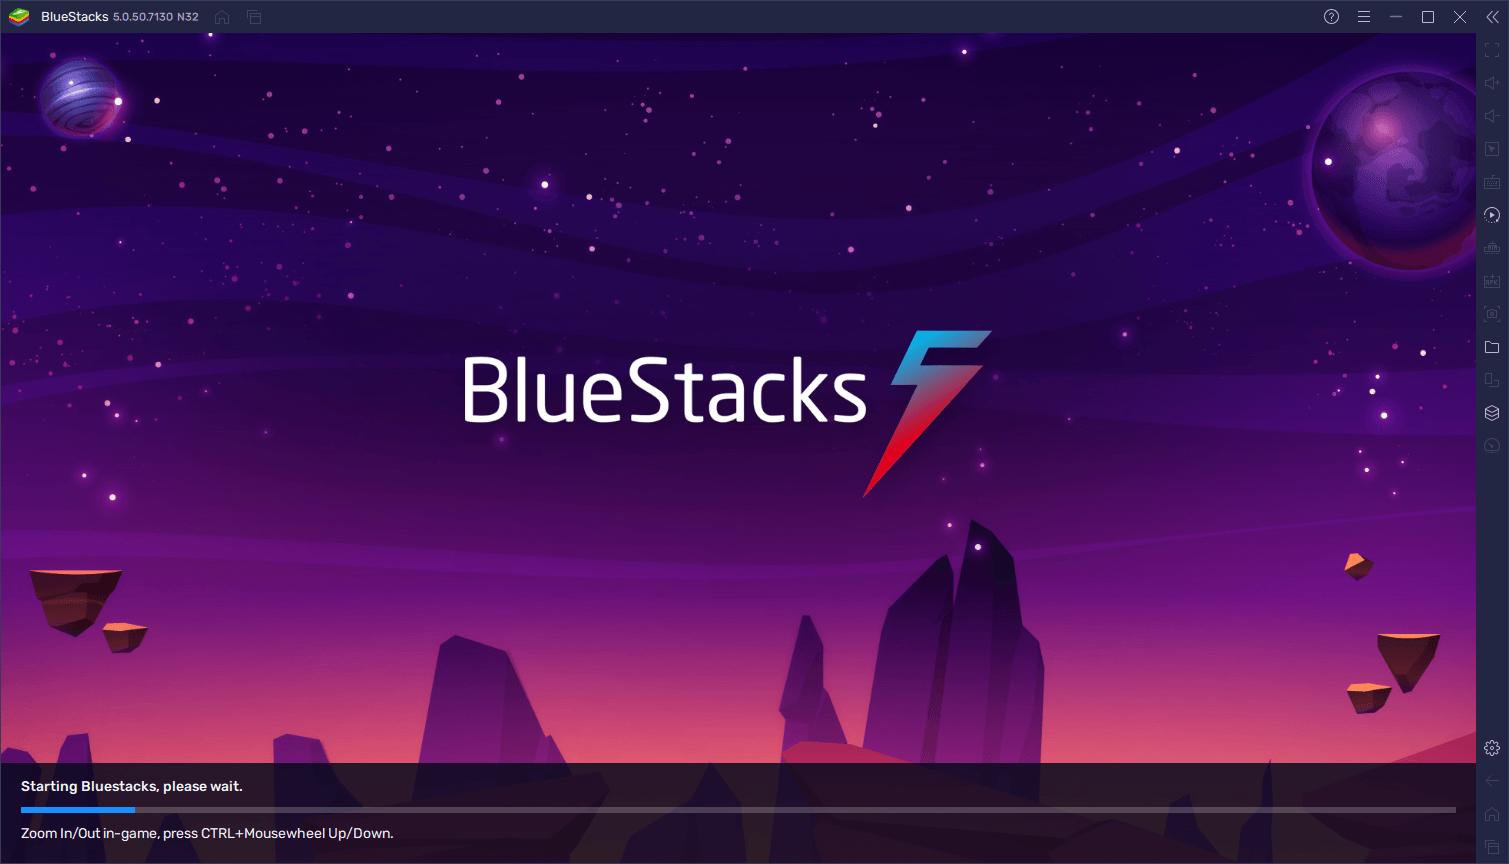 Fitur Memori BlueStacks 5 Trim Menjamin Game Bebas Lag Dengan Penggunaan RAM Serendah Mungkin